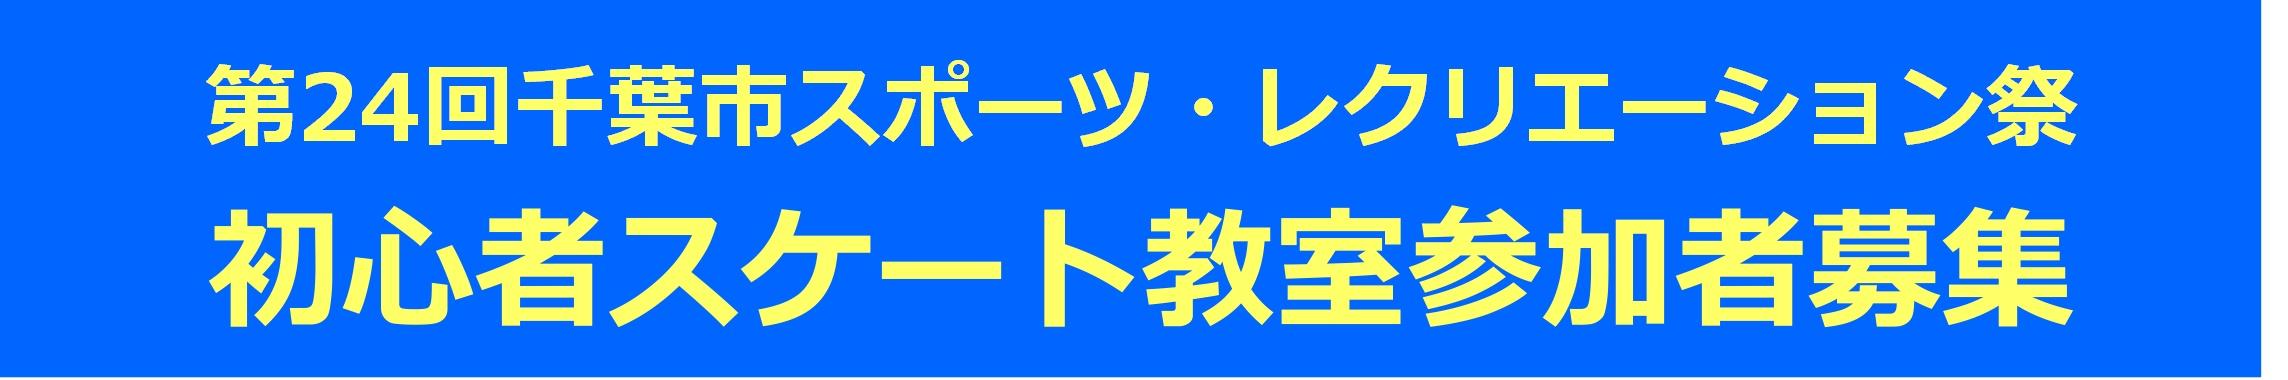 http://skate-chiba.com/wordpress/wp-content/uploads/2017/09/sporec2017-1.jpg